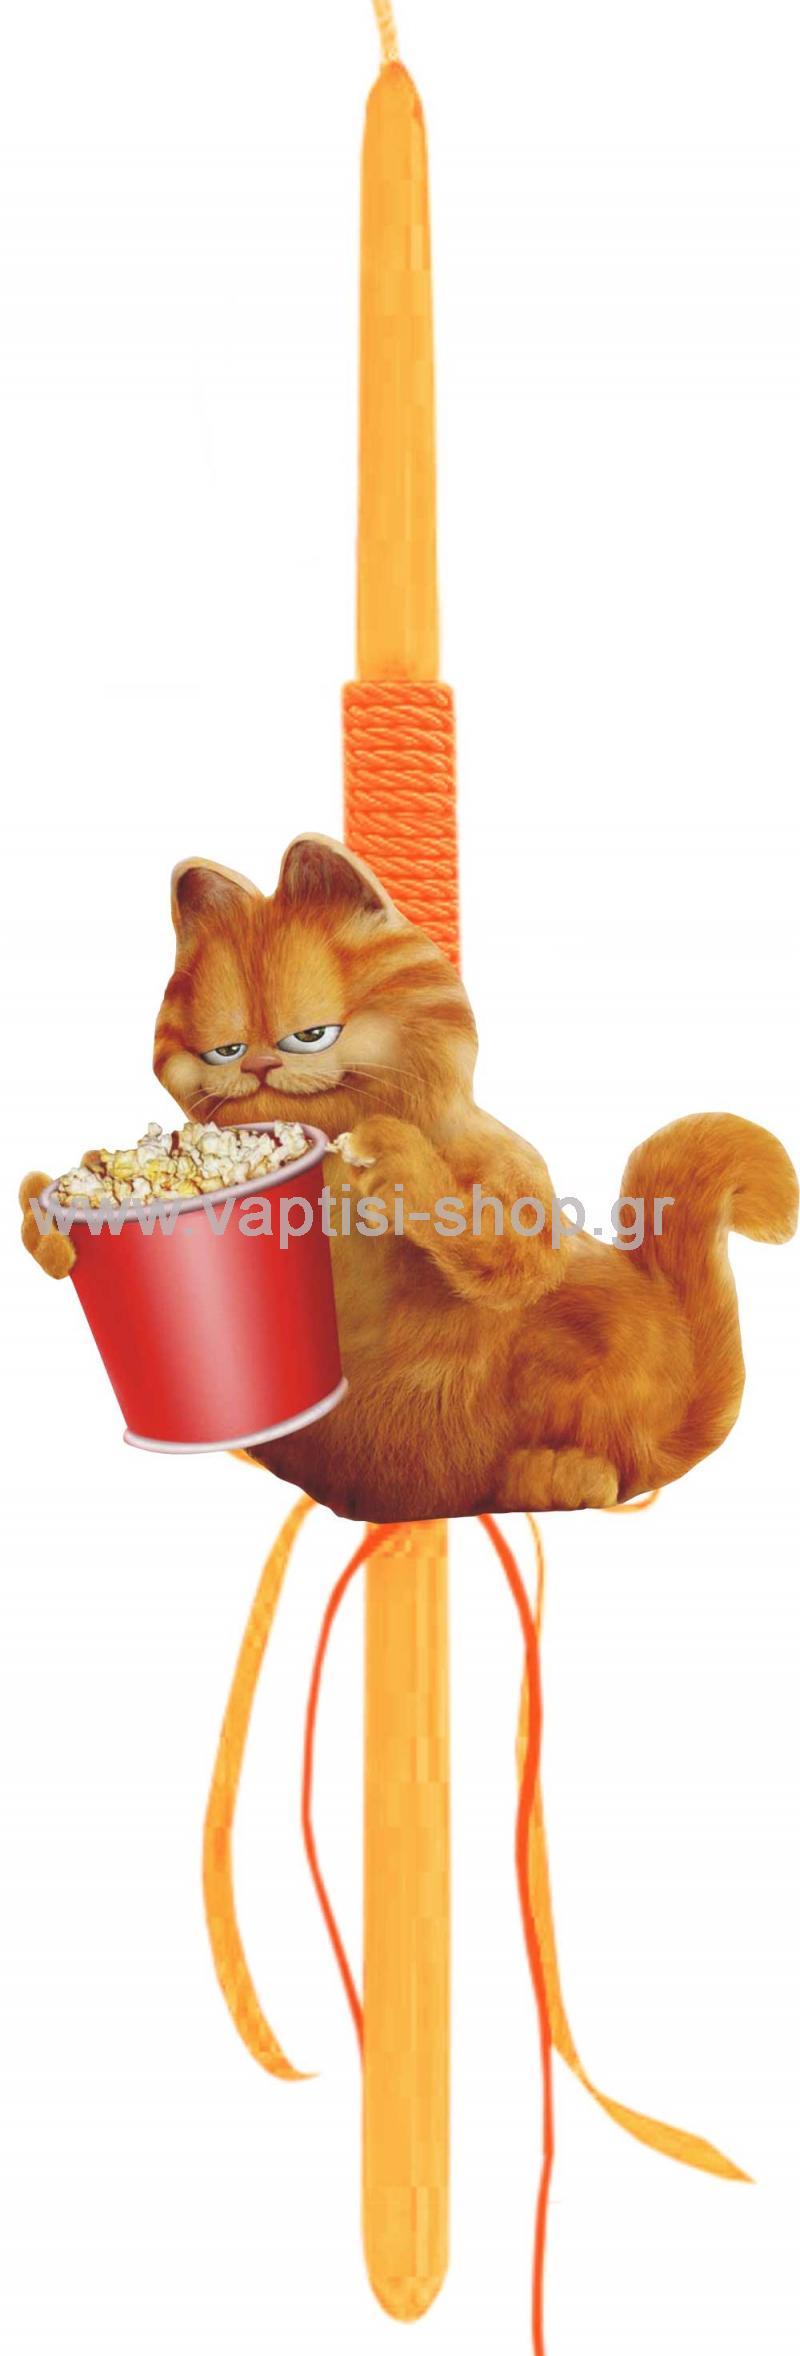 Πασχαλινή Λαμπάδα Garfield